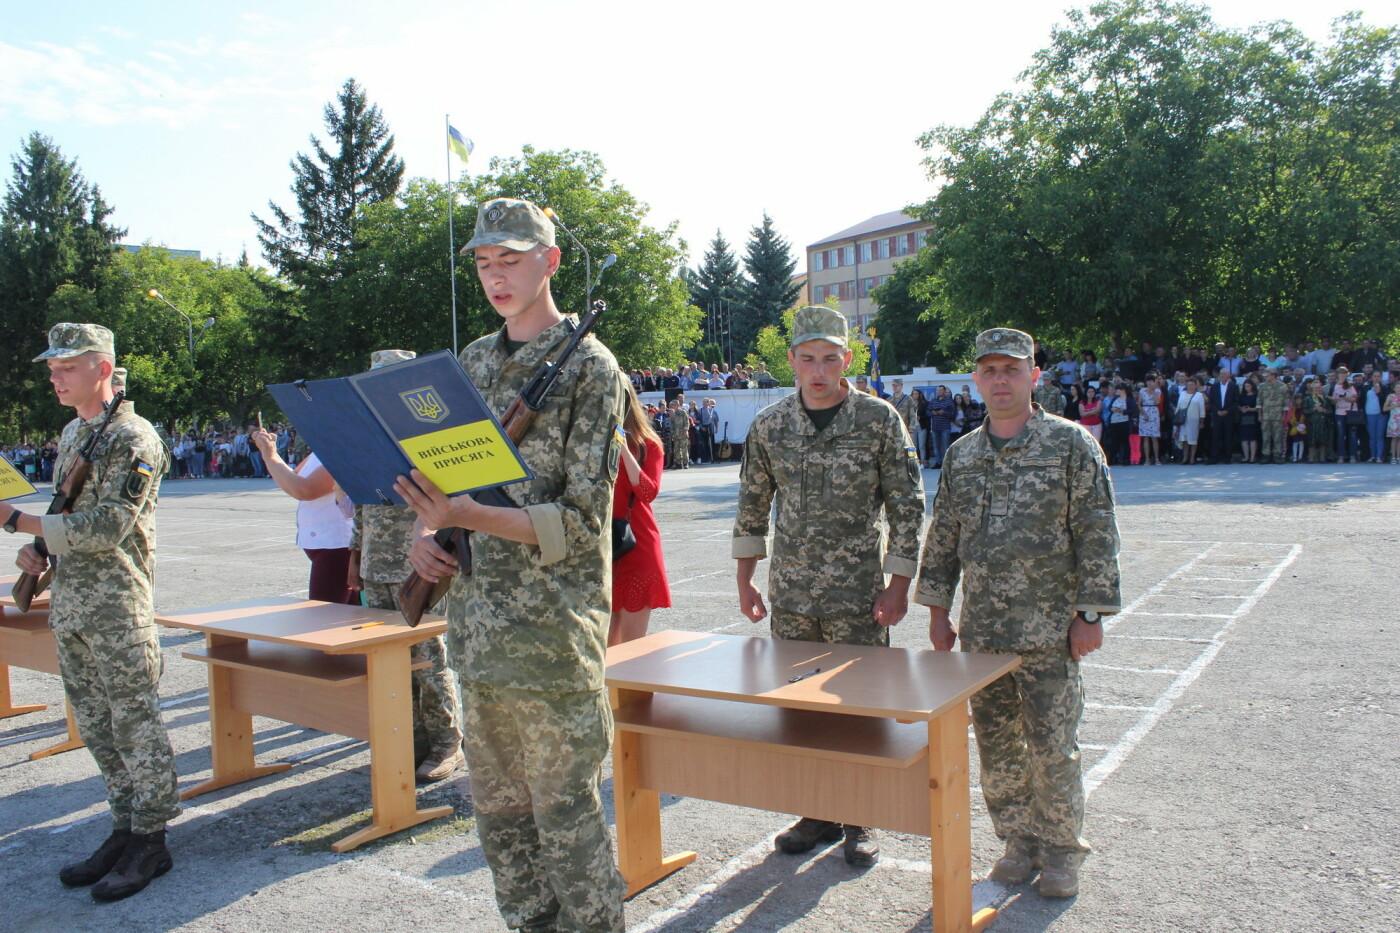 У Кам'янці 240 військовослужбовців склали присягу, фото-5, Фото: Olha Povorozniuk